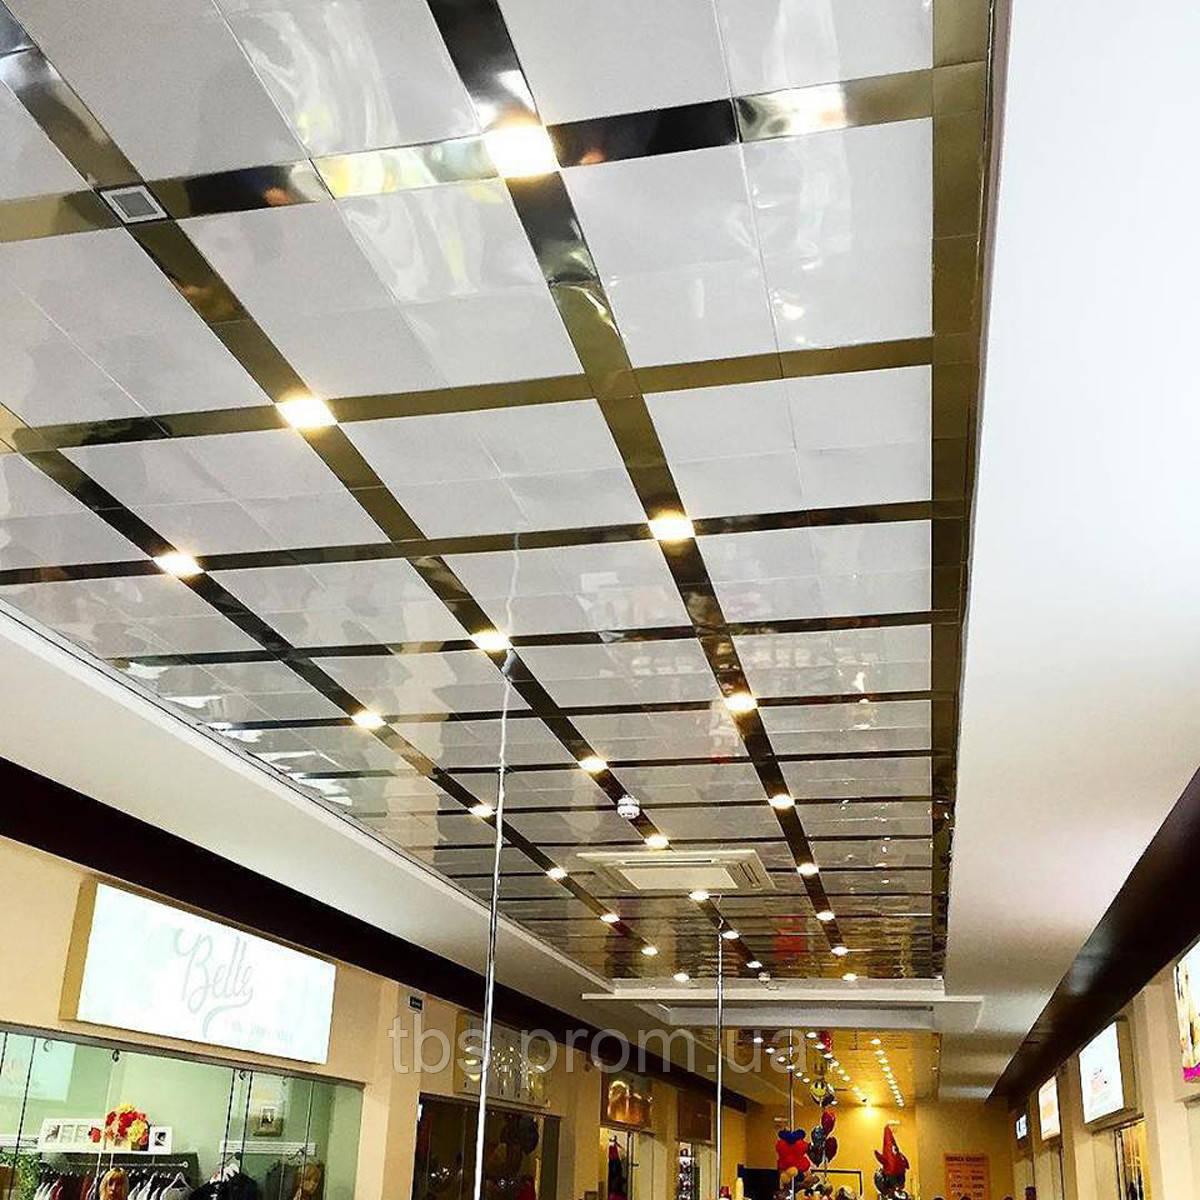 Подвесные потолочные системы Bafoni, фото 1